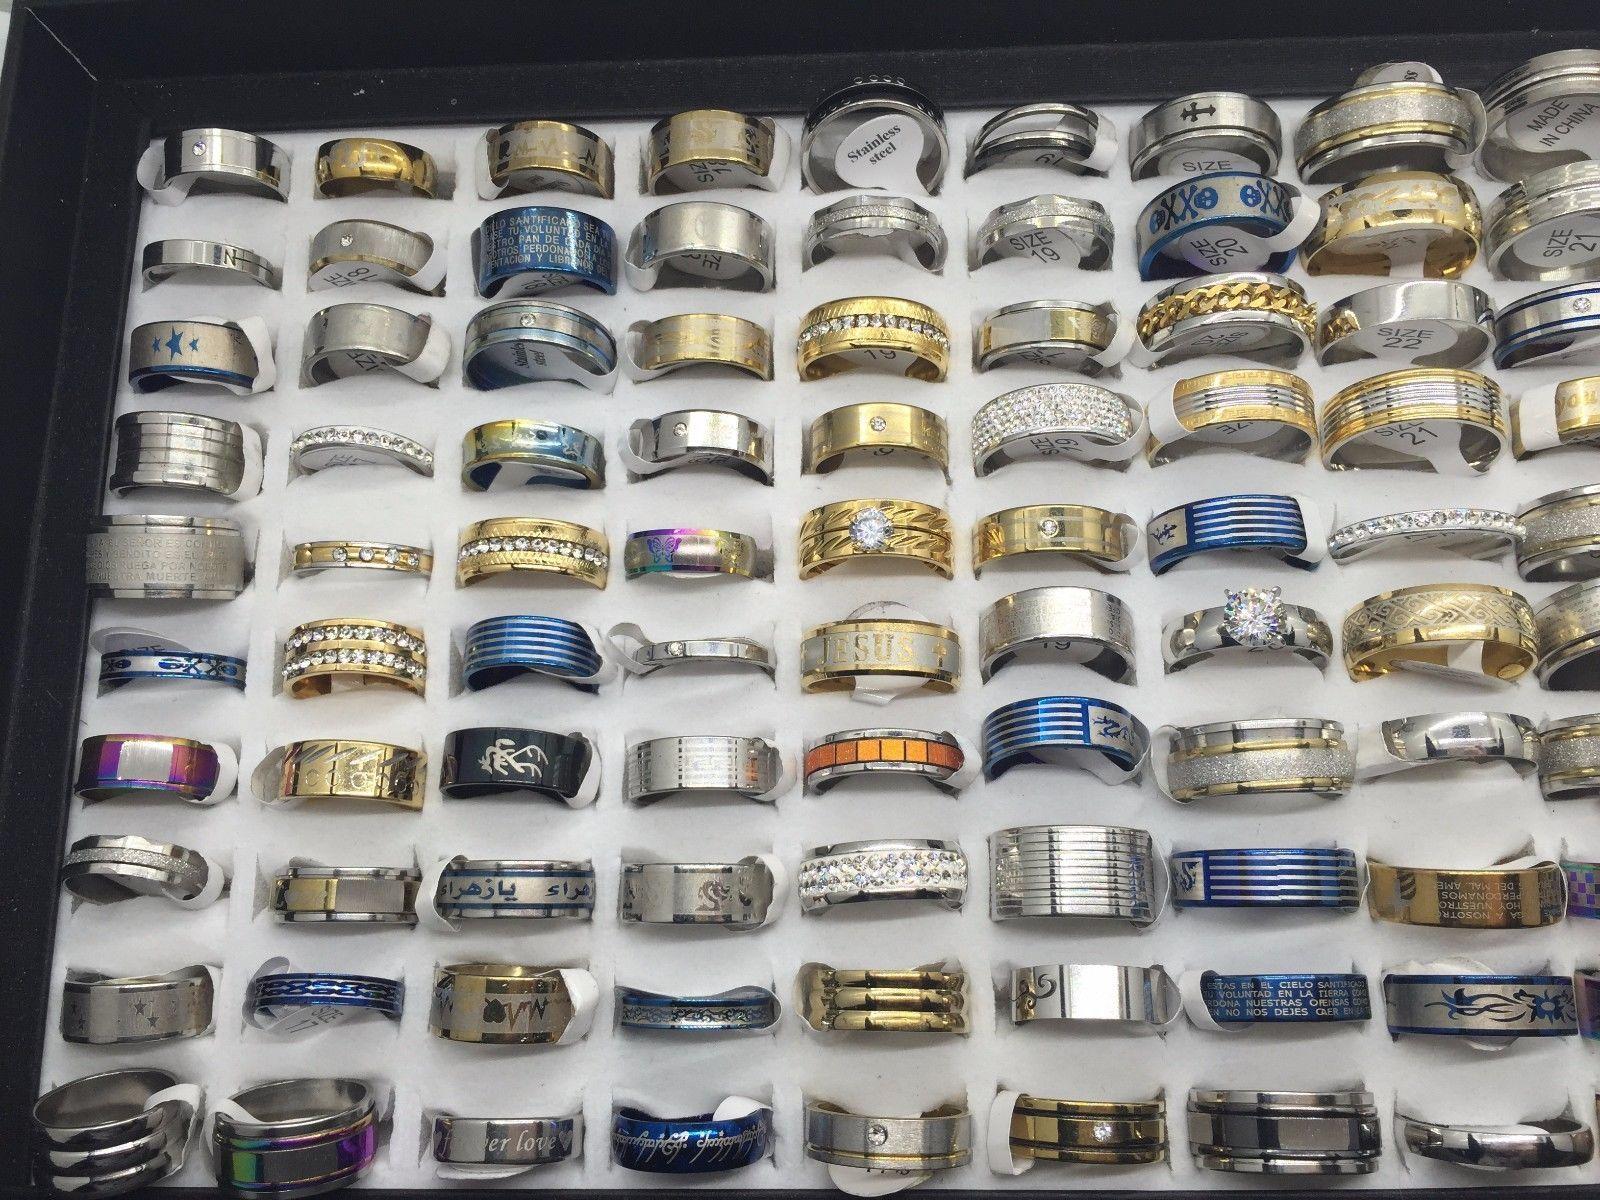 Toptan 50 adet sürü Erkekler Kadınlar Için Moda Mix Tasarım Paslanmaz çelik yüzük Takı Hediye Yüzük Alyans